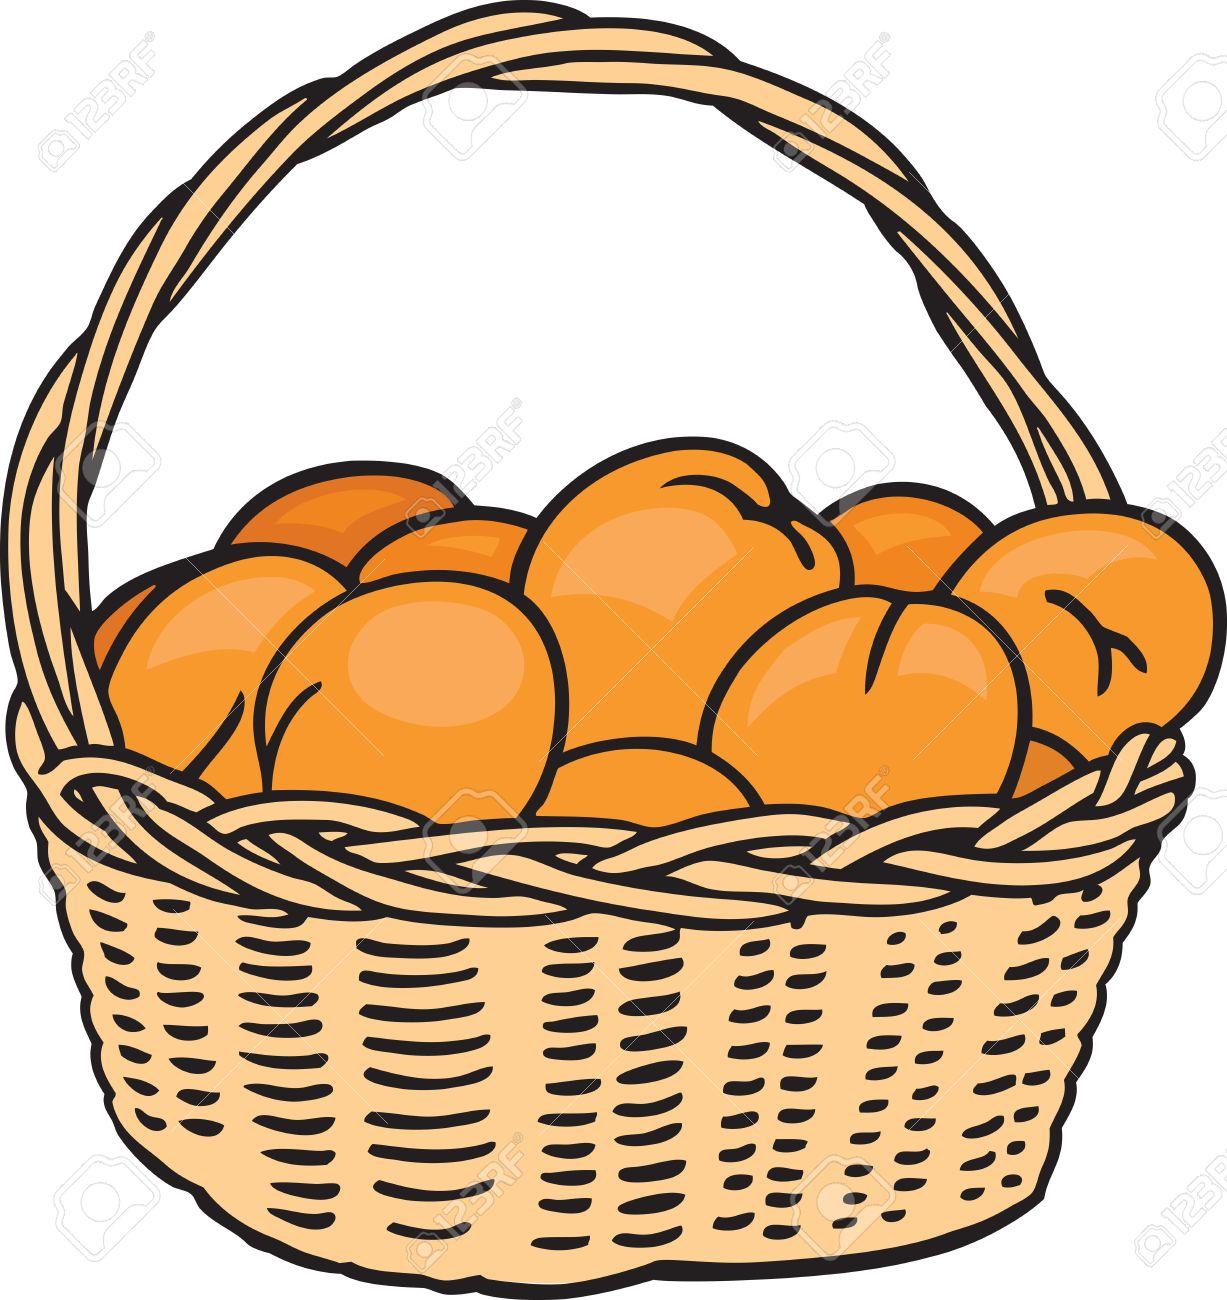 1227x1300 Basket Of Oranges Clip Art Cliparts